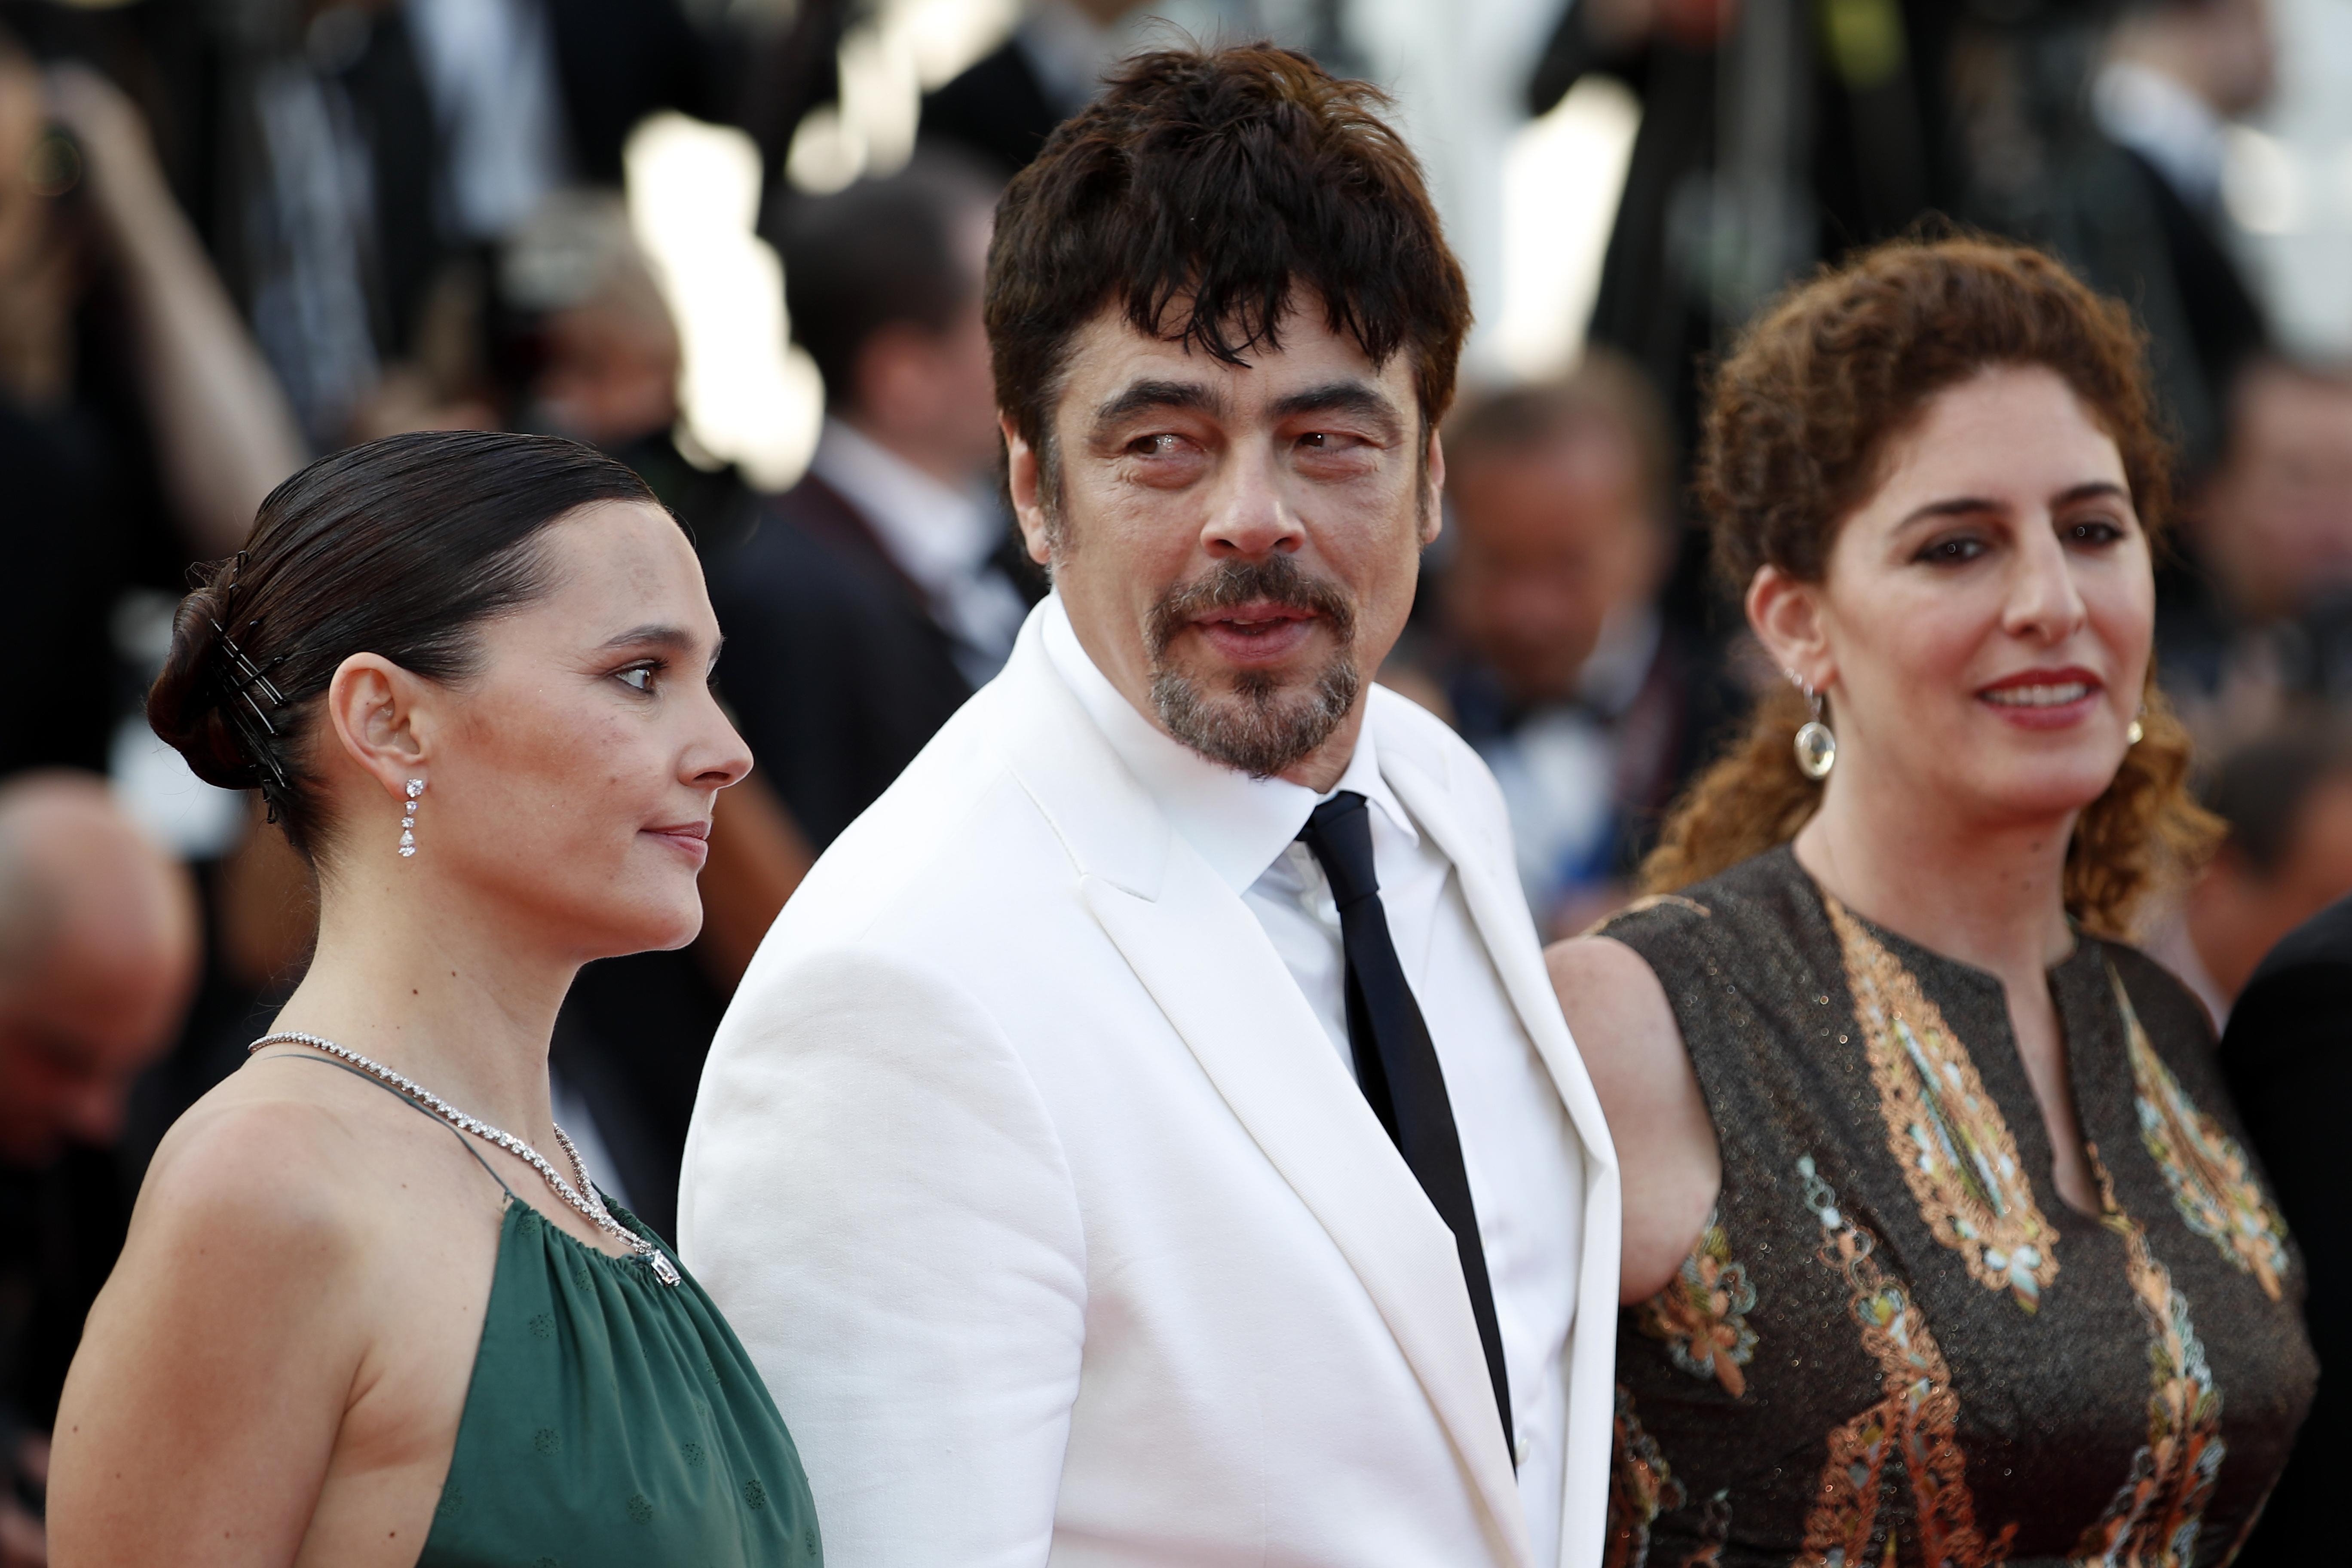 Câștigătorii Festivalului de Film de la Cannes. Trofeul Palme d'Or a fost câștigat de un regizor japonez